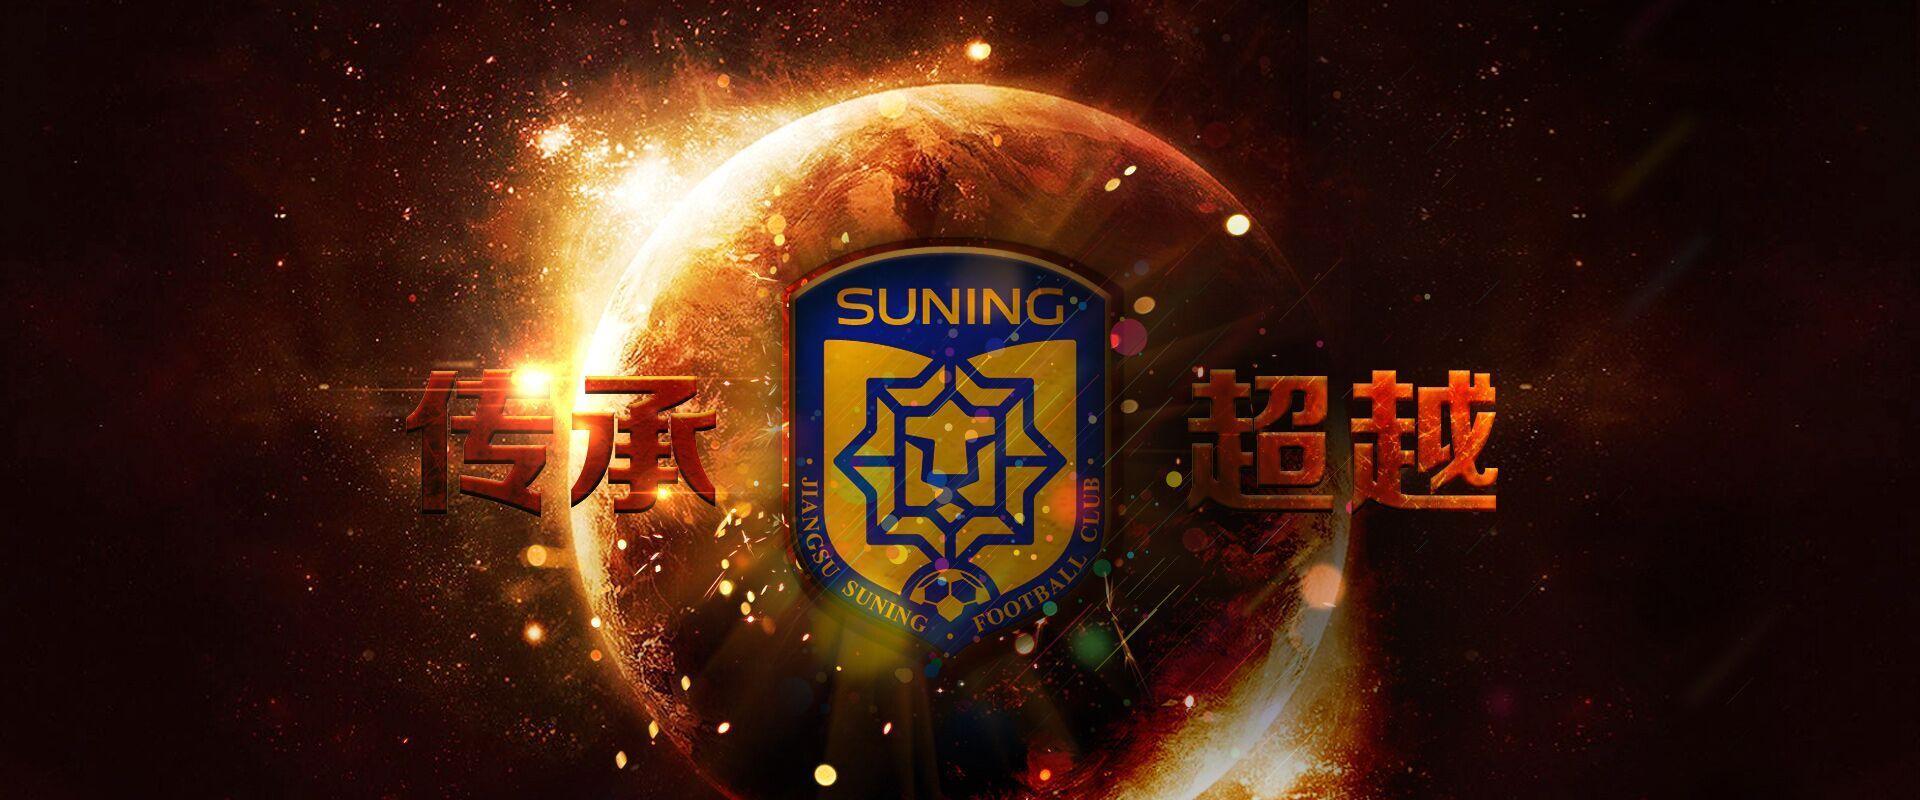 苏宁首次亚冠出线+提前锁定小组第一 成中超首支晋级淘汰赛球队